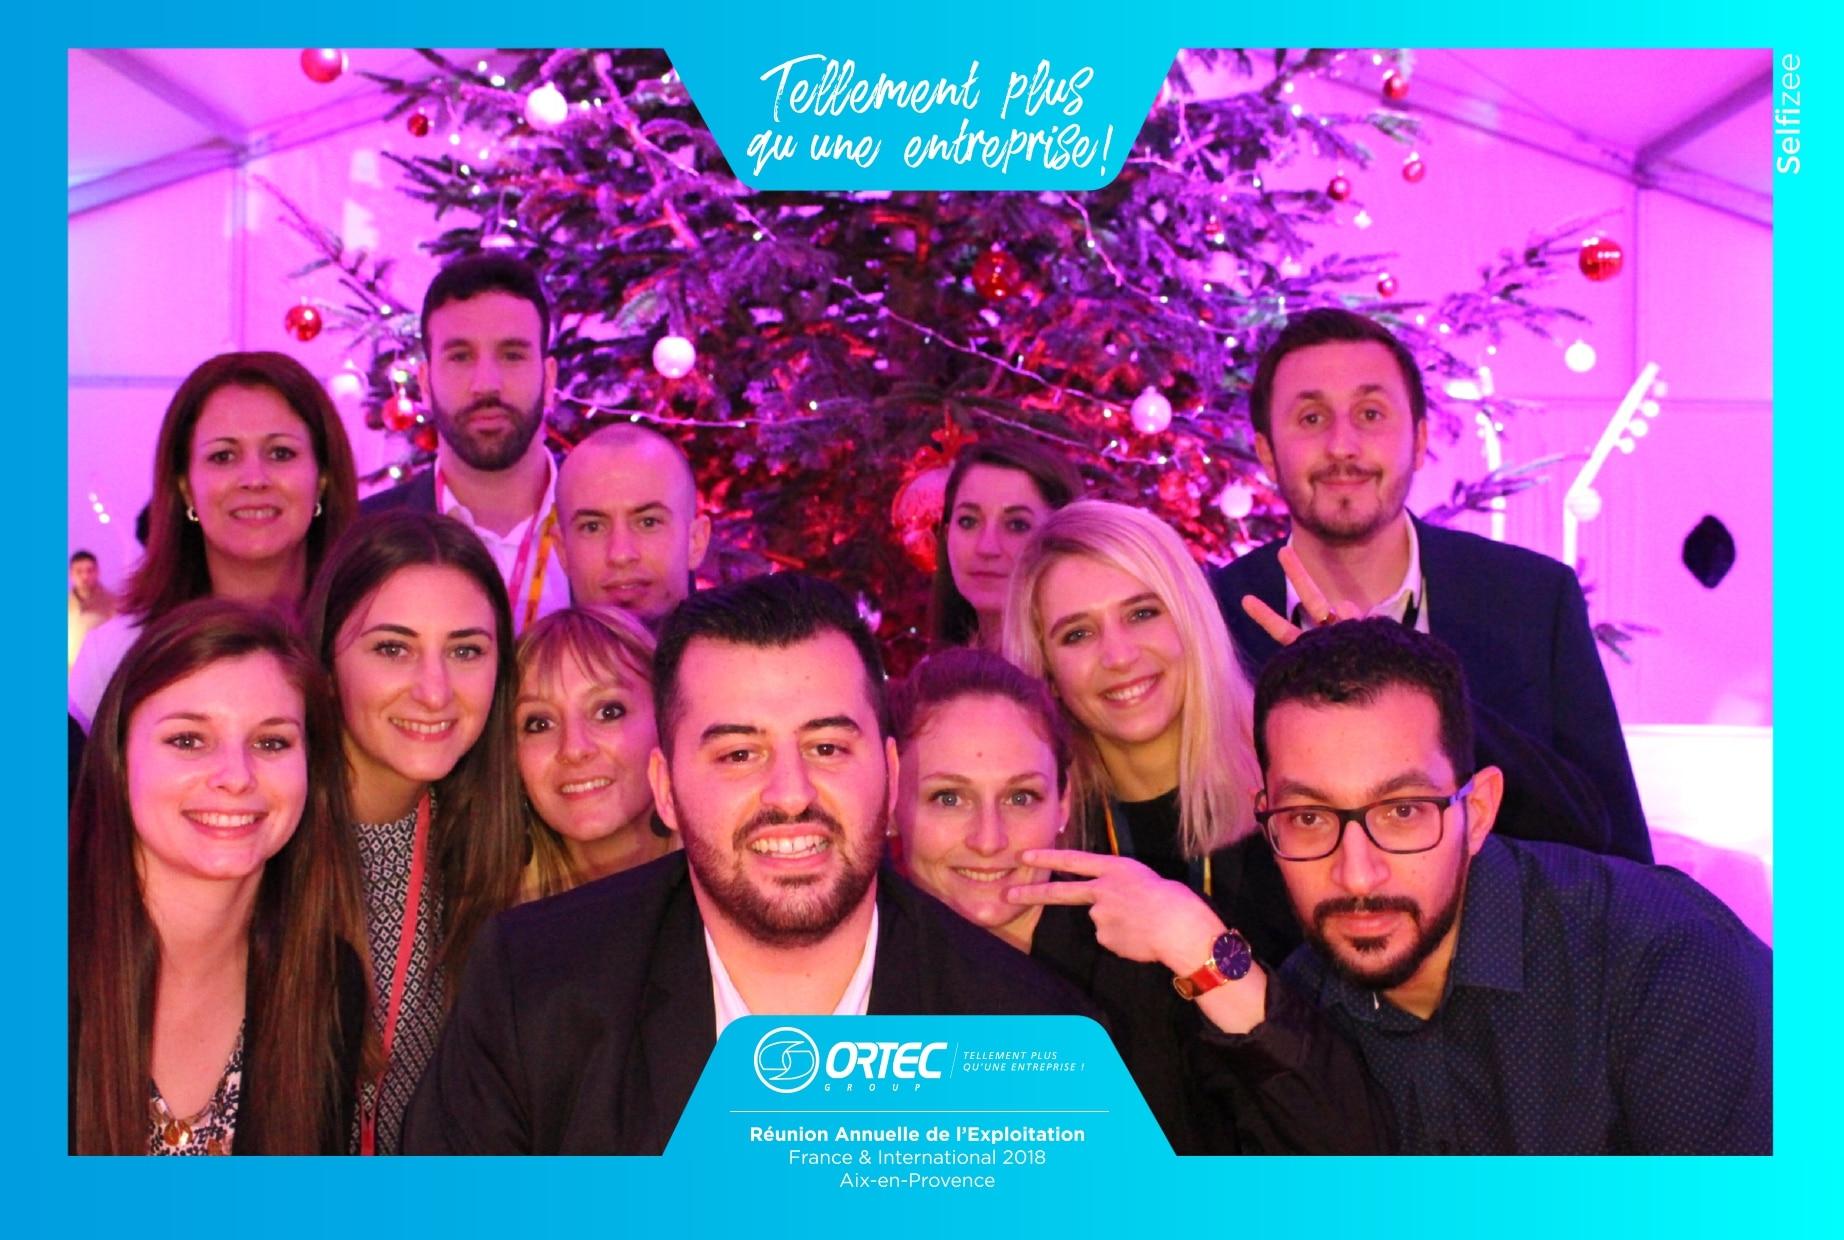 Animation selfie box pour animation soirée Noël du groupe Ortec à Aix en Provence avec impressions photos personnalisées en 2018